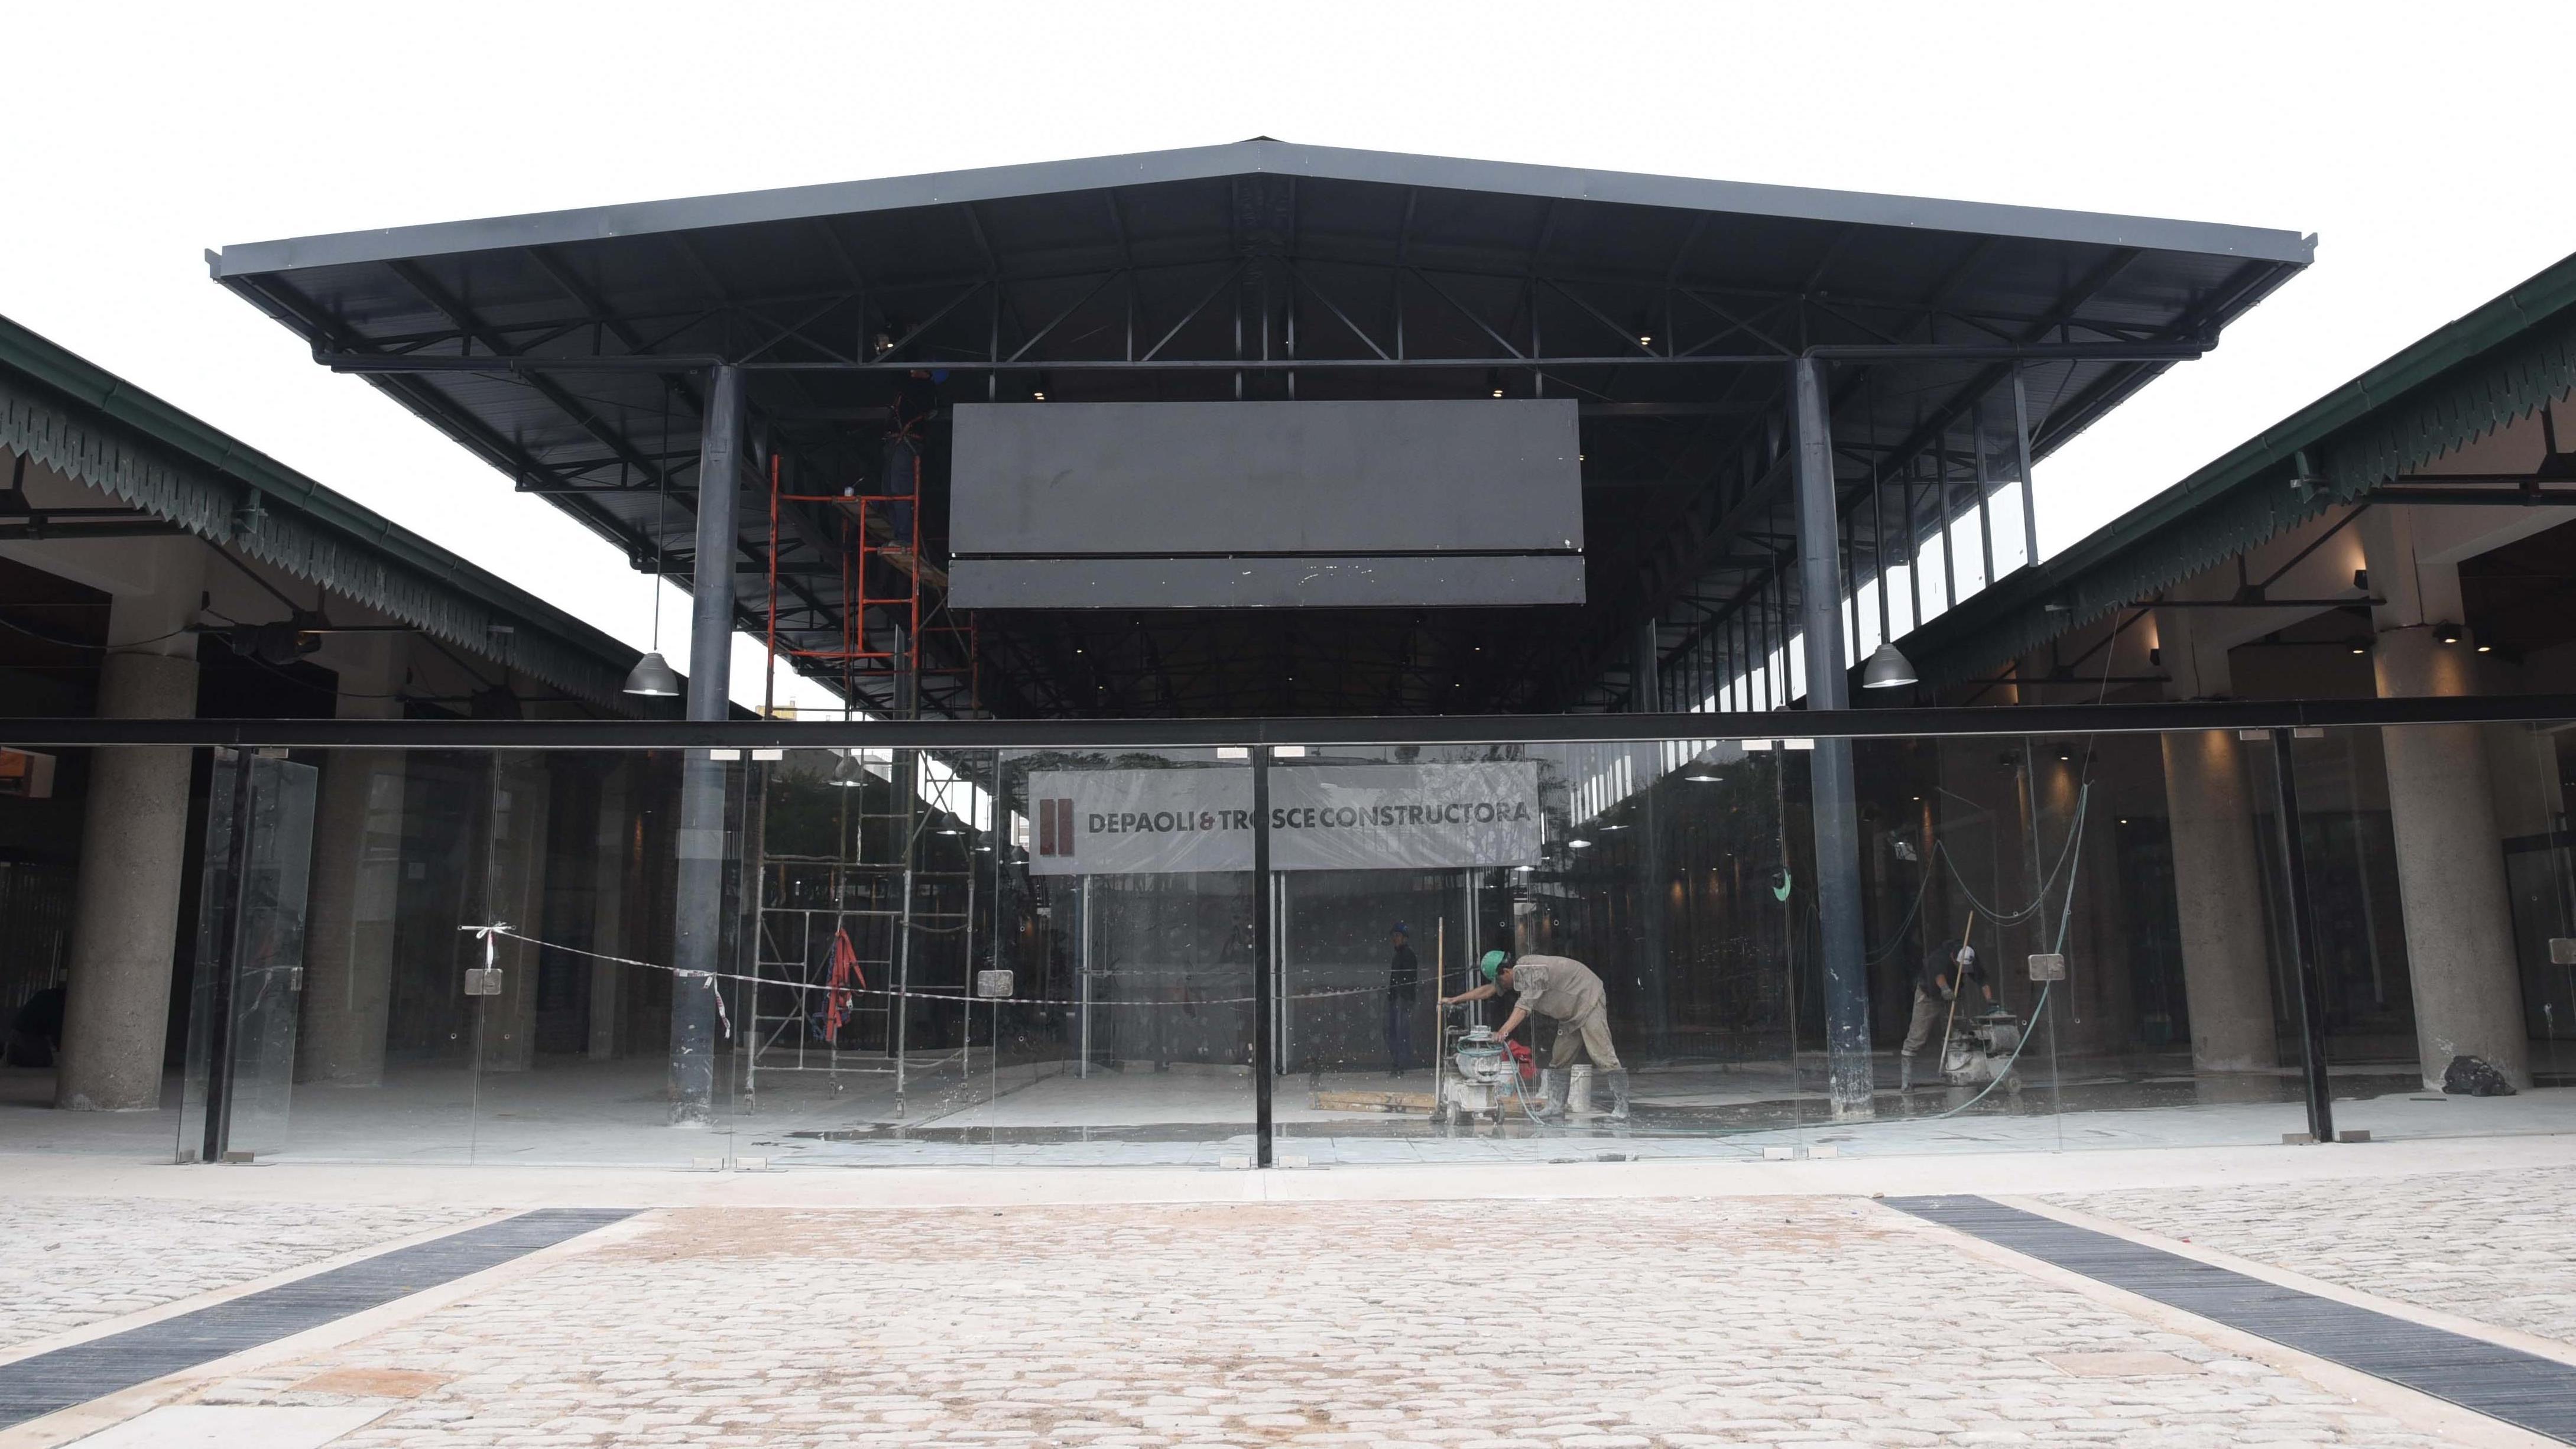 El Patio de la Madera, justo antes de convertirse en Mercado del Patio.